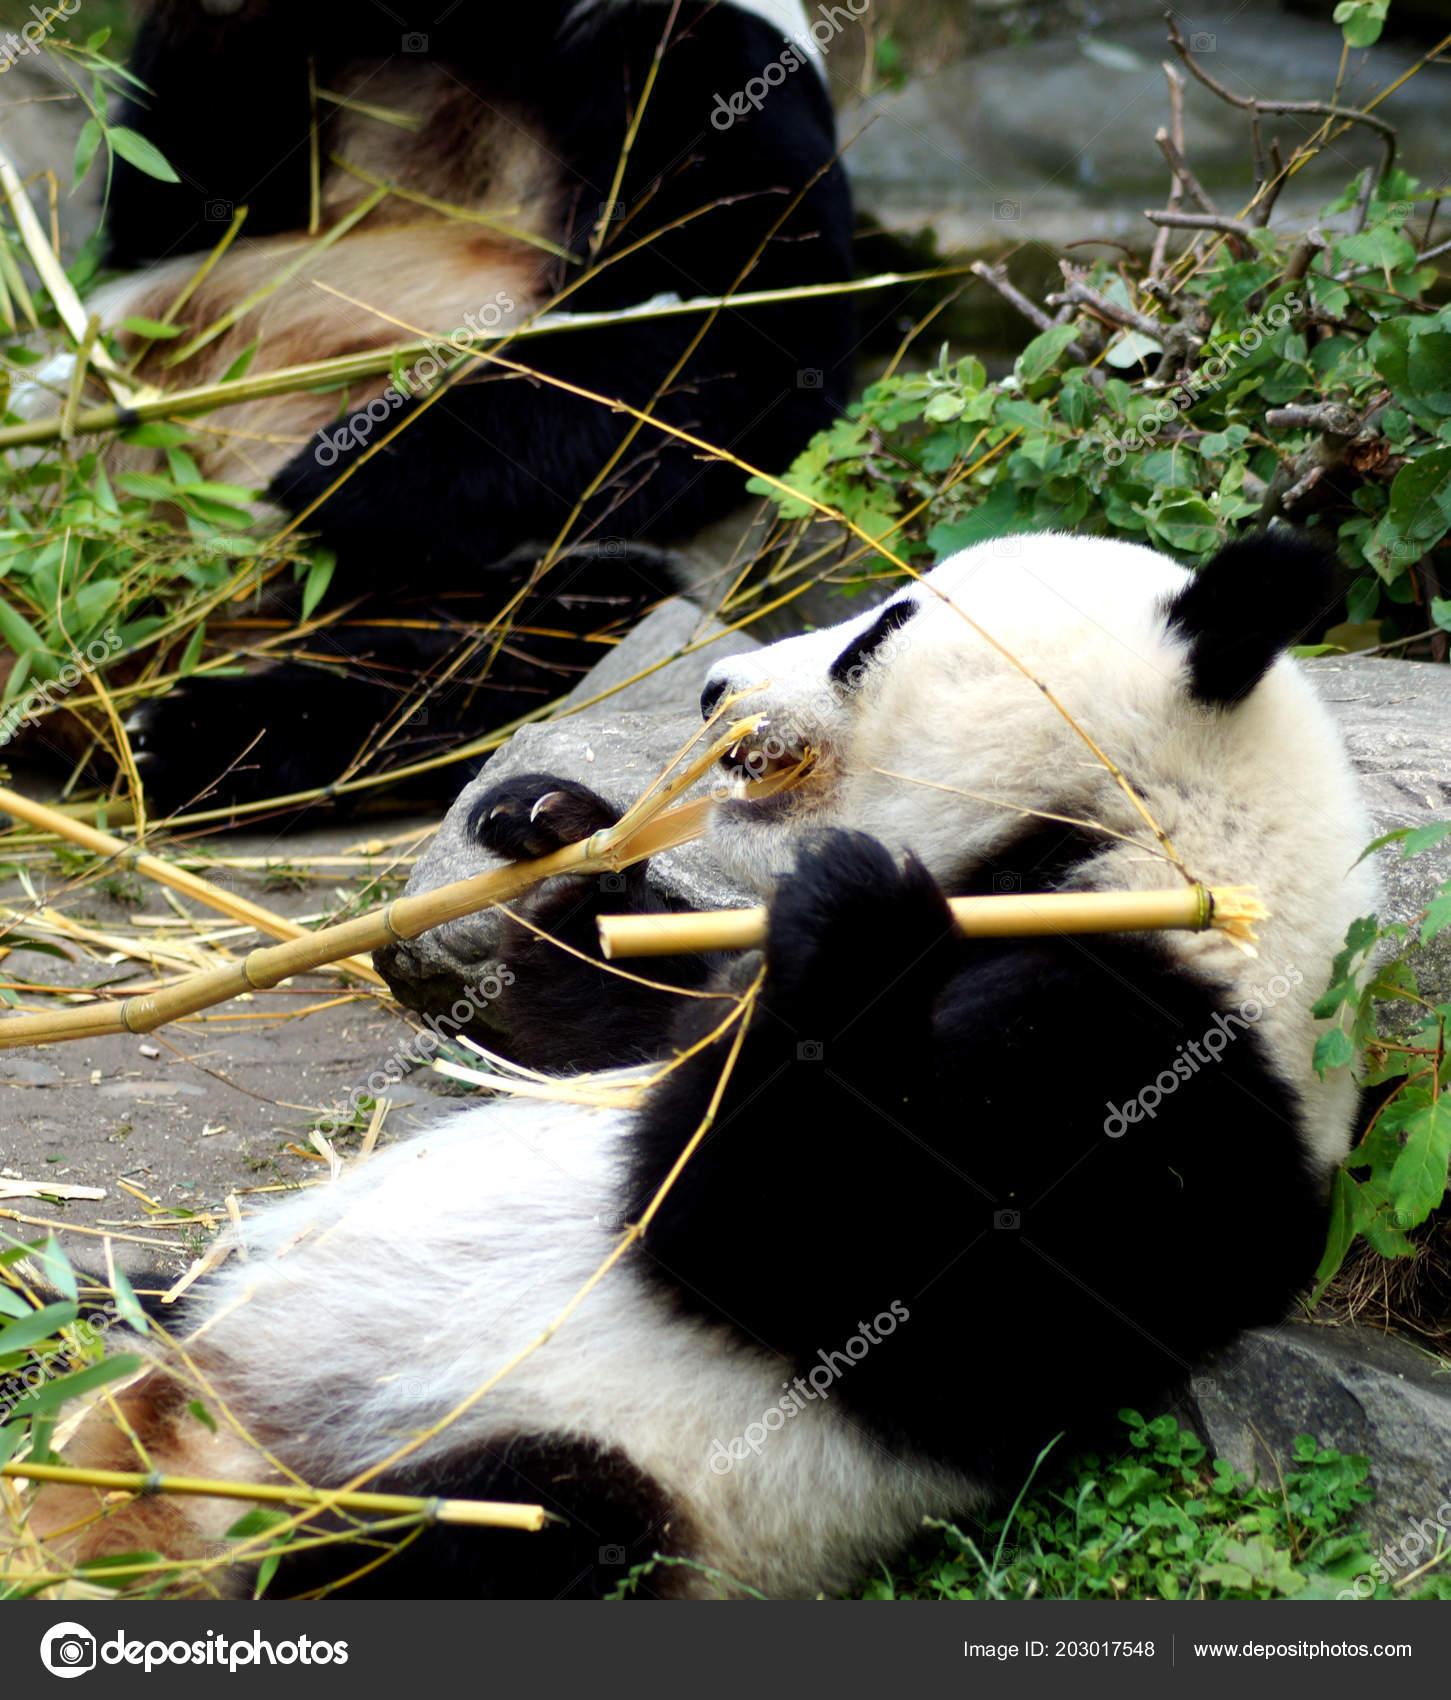 Groer Pandabr Beim Bambus Essen Stock Photo C Spiderwoman81 203017548